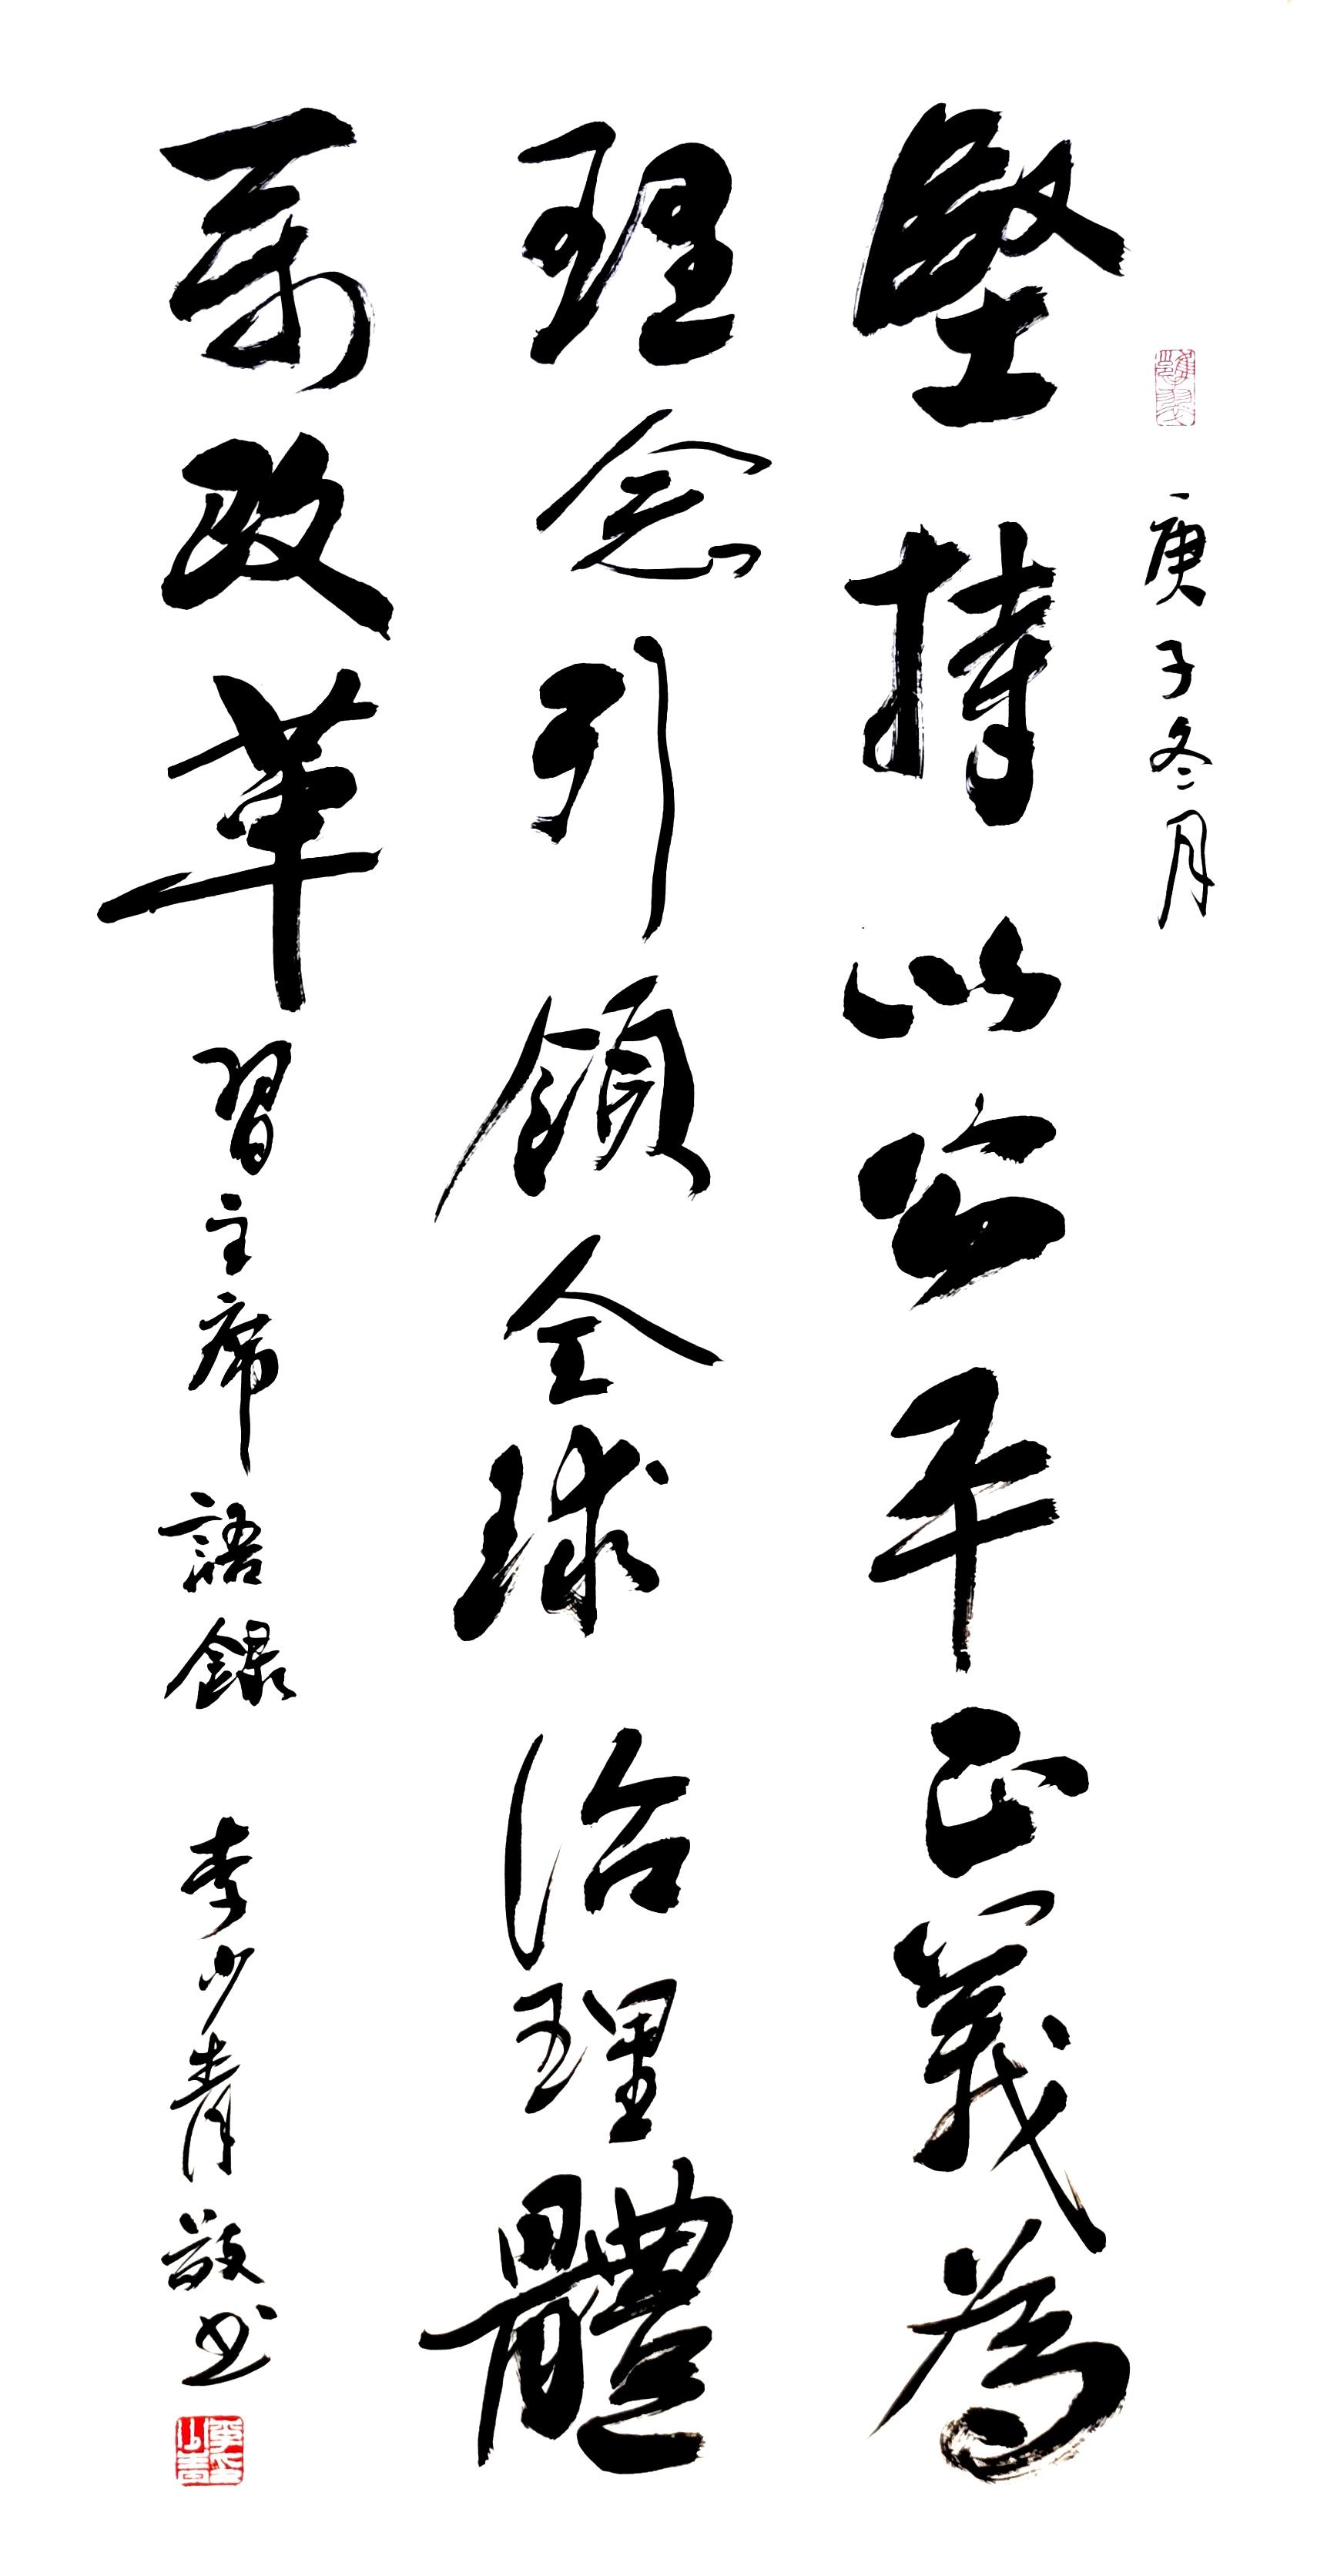 展艺术名人风采,弘万家文化精髓——李少青(九)